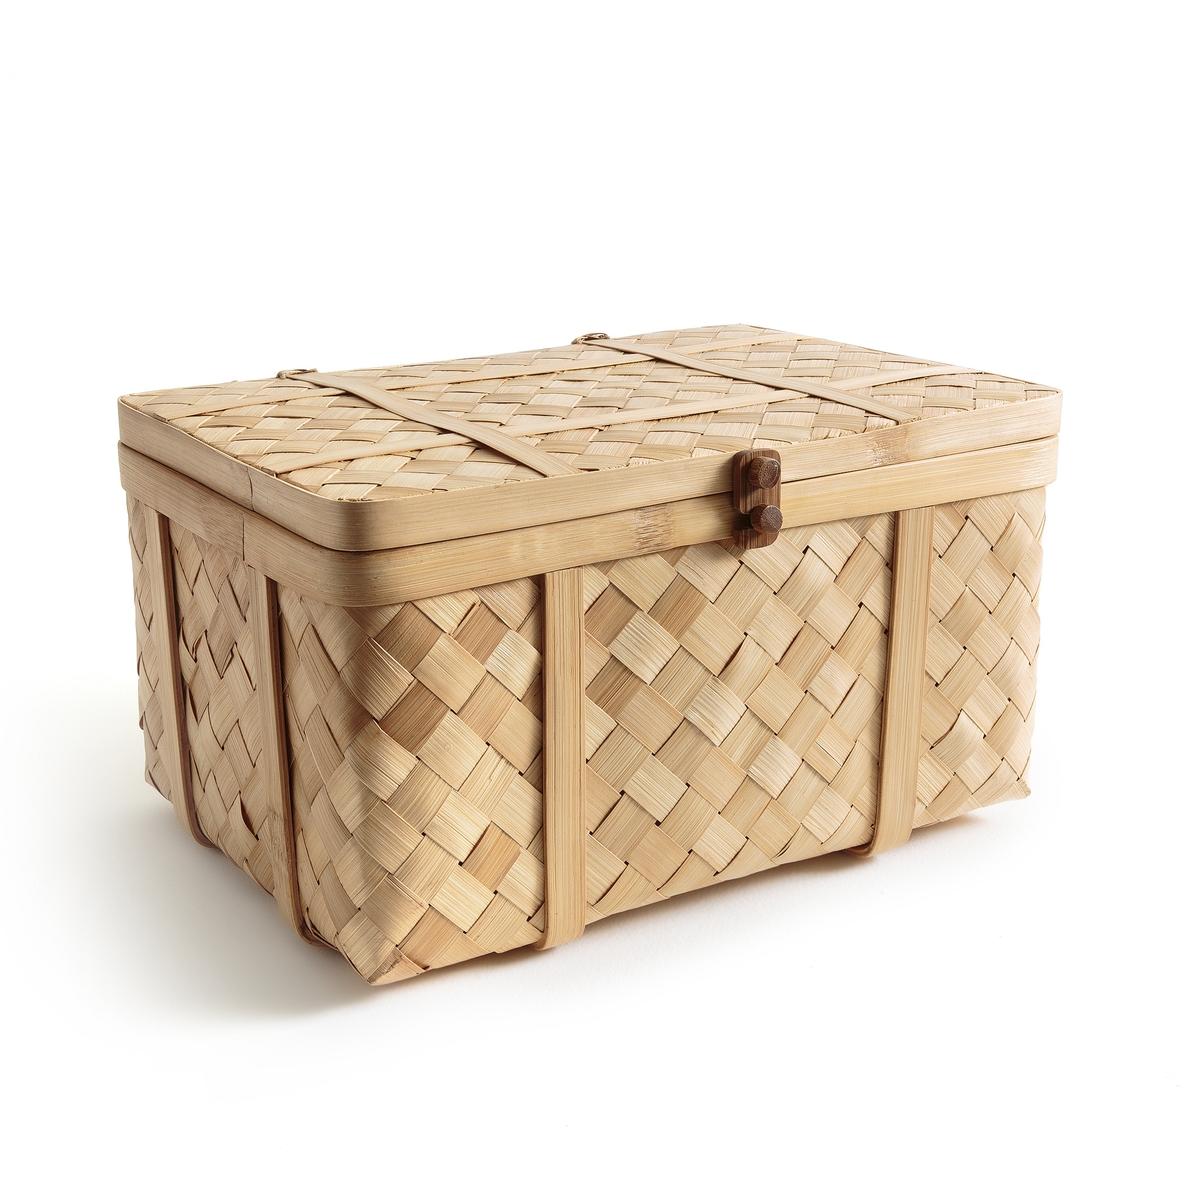 Image of BATHILDA Woven Bamboo Trunk